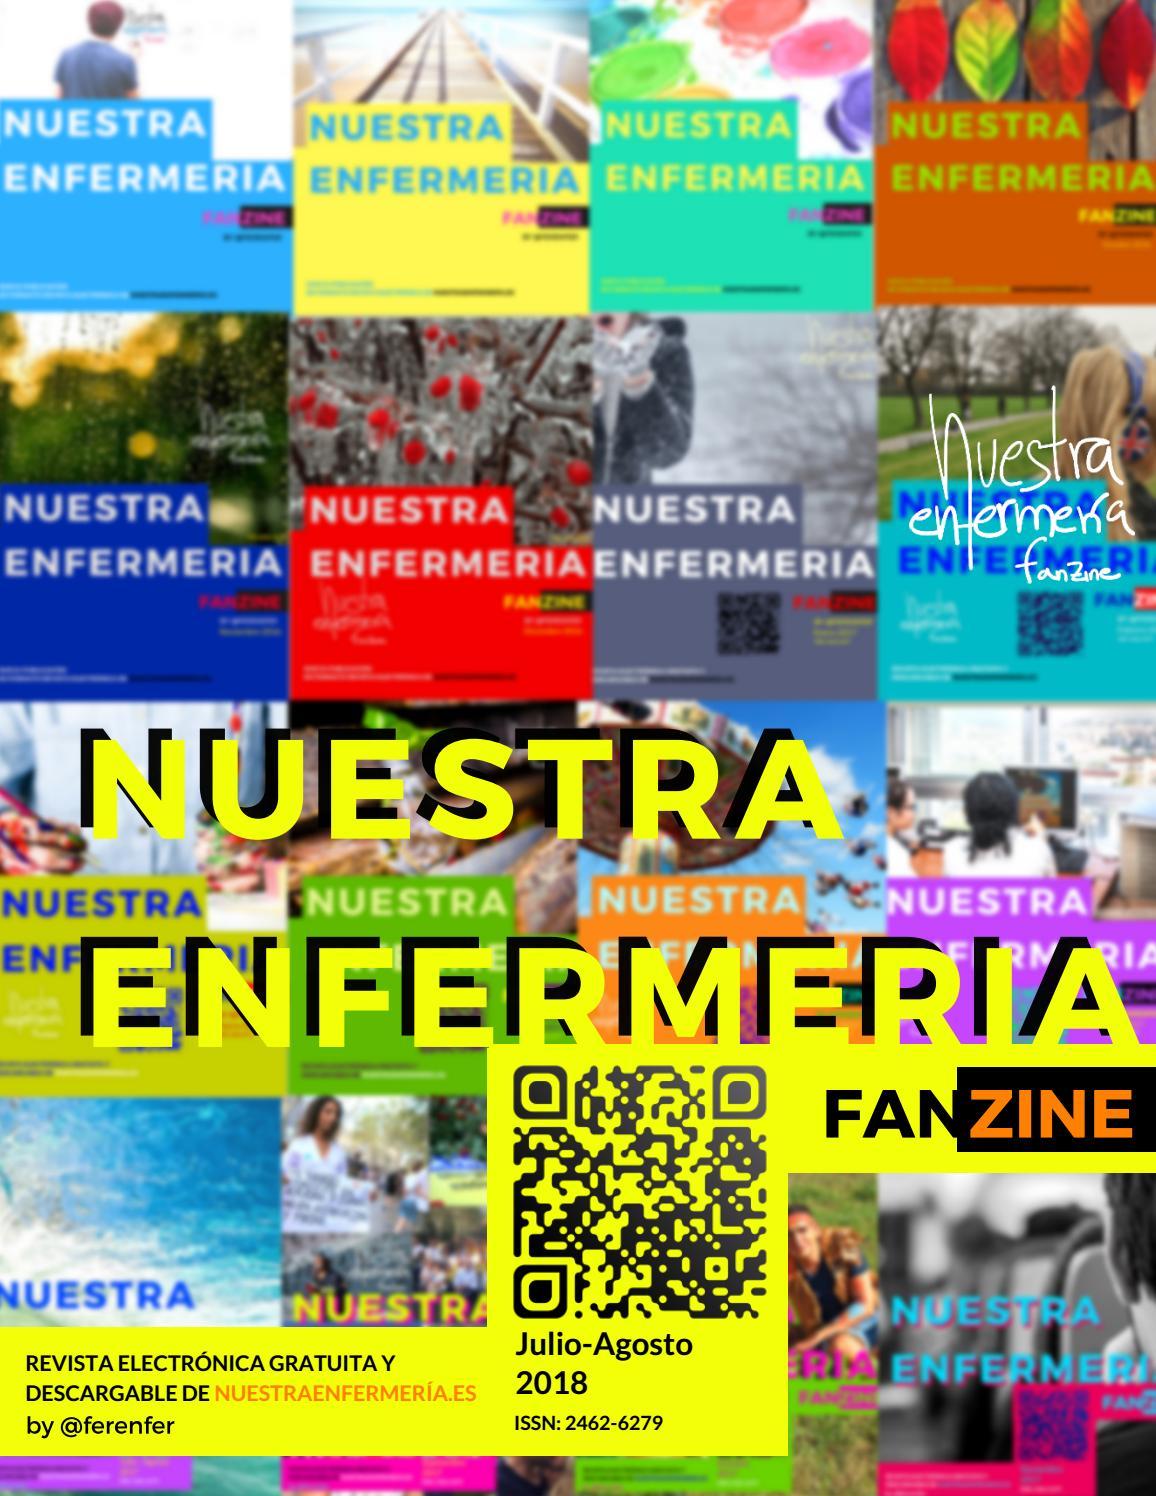 Fanzine Enfermería julio - agosto 2018 by Nuestra Enfermería Fanzine ...